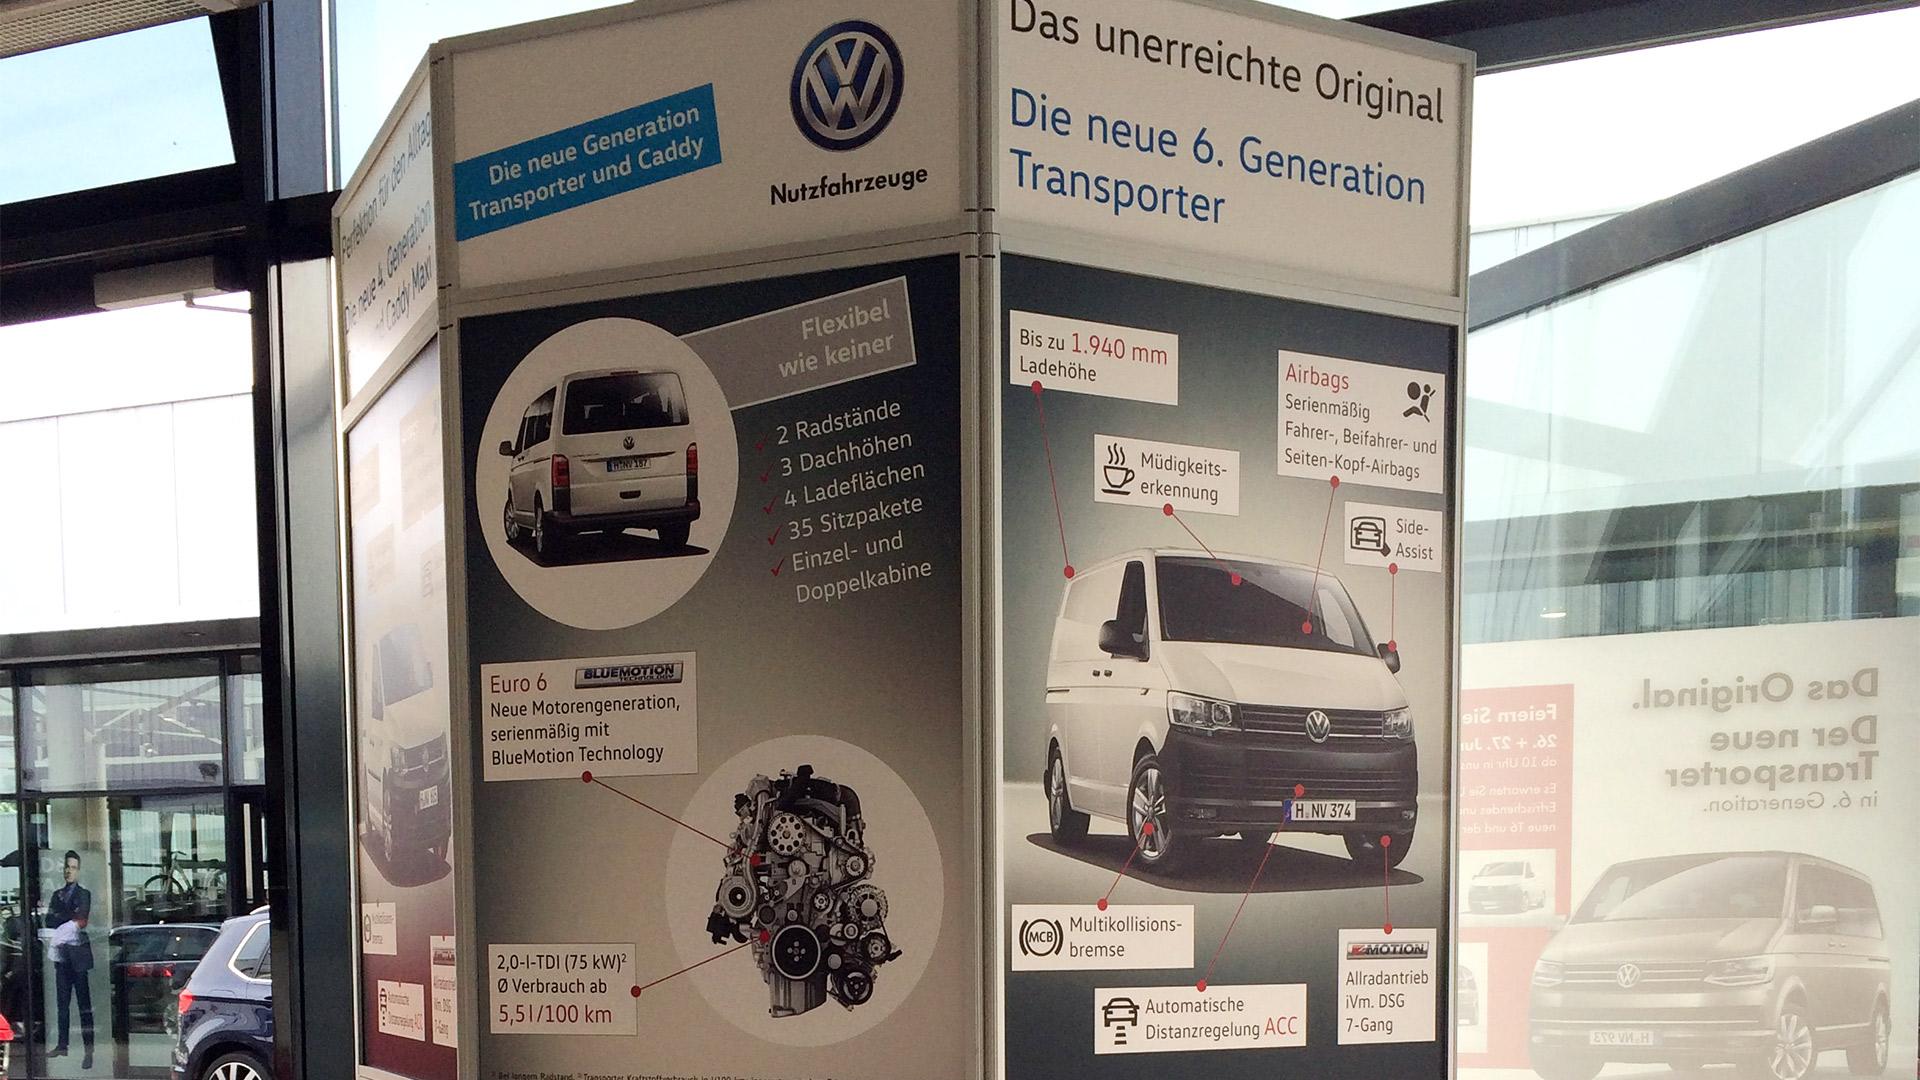 Auto-VWN-Stele-Matti-Michalke-Berlin-Brandenburg-Aussenwerbung-Innenwerbung-Banner-Planen-Folien-Werbemittel-Druck-Print